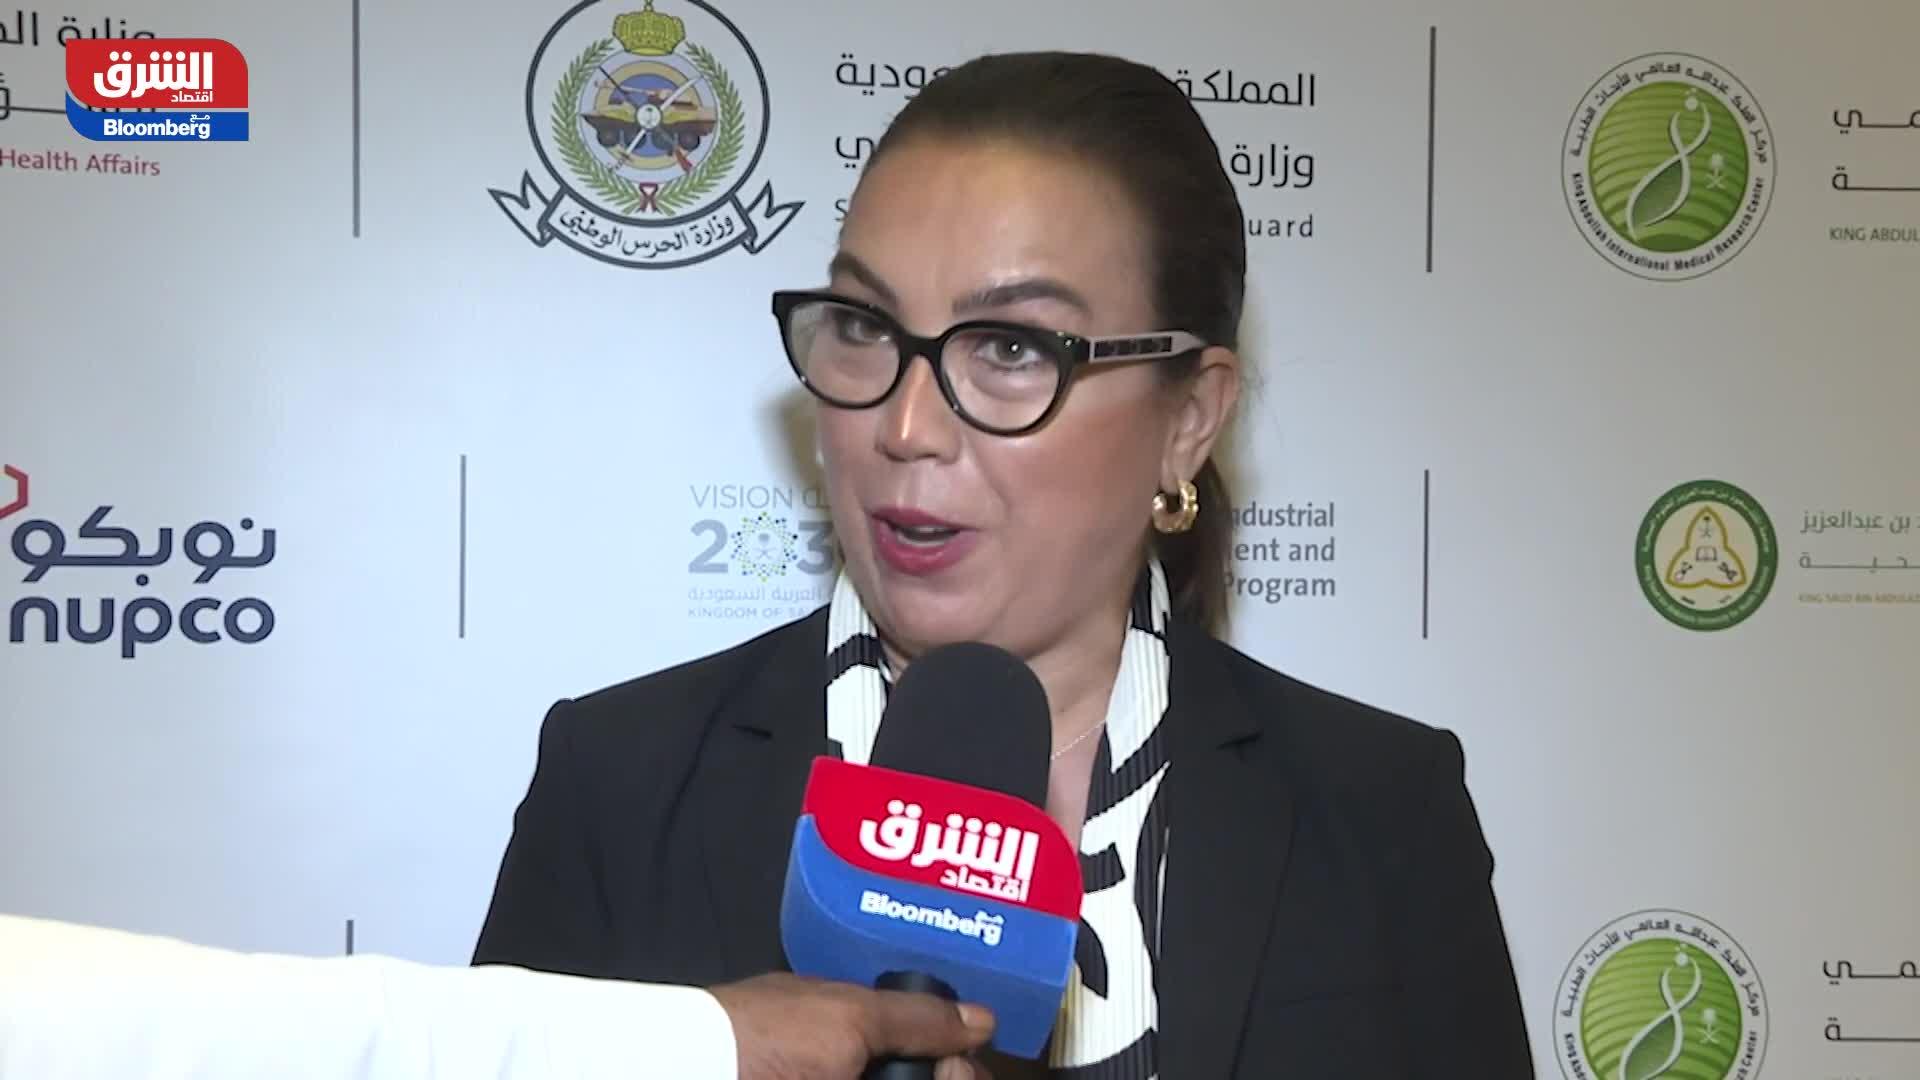 السعودية: توقيع اتفاقيات مع شركات لتصنيع لقاحات كورونا محلياً